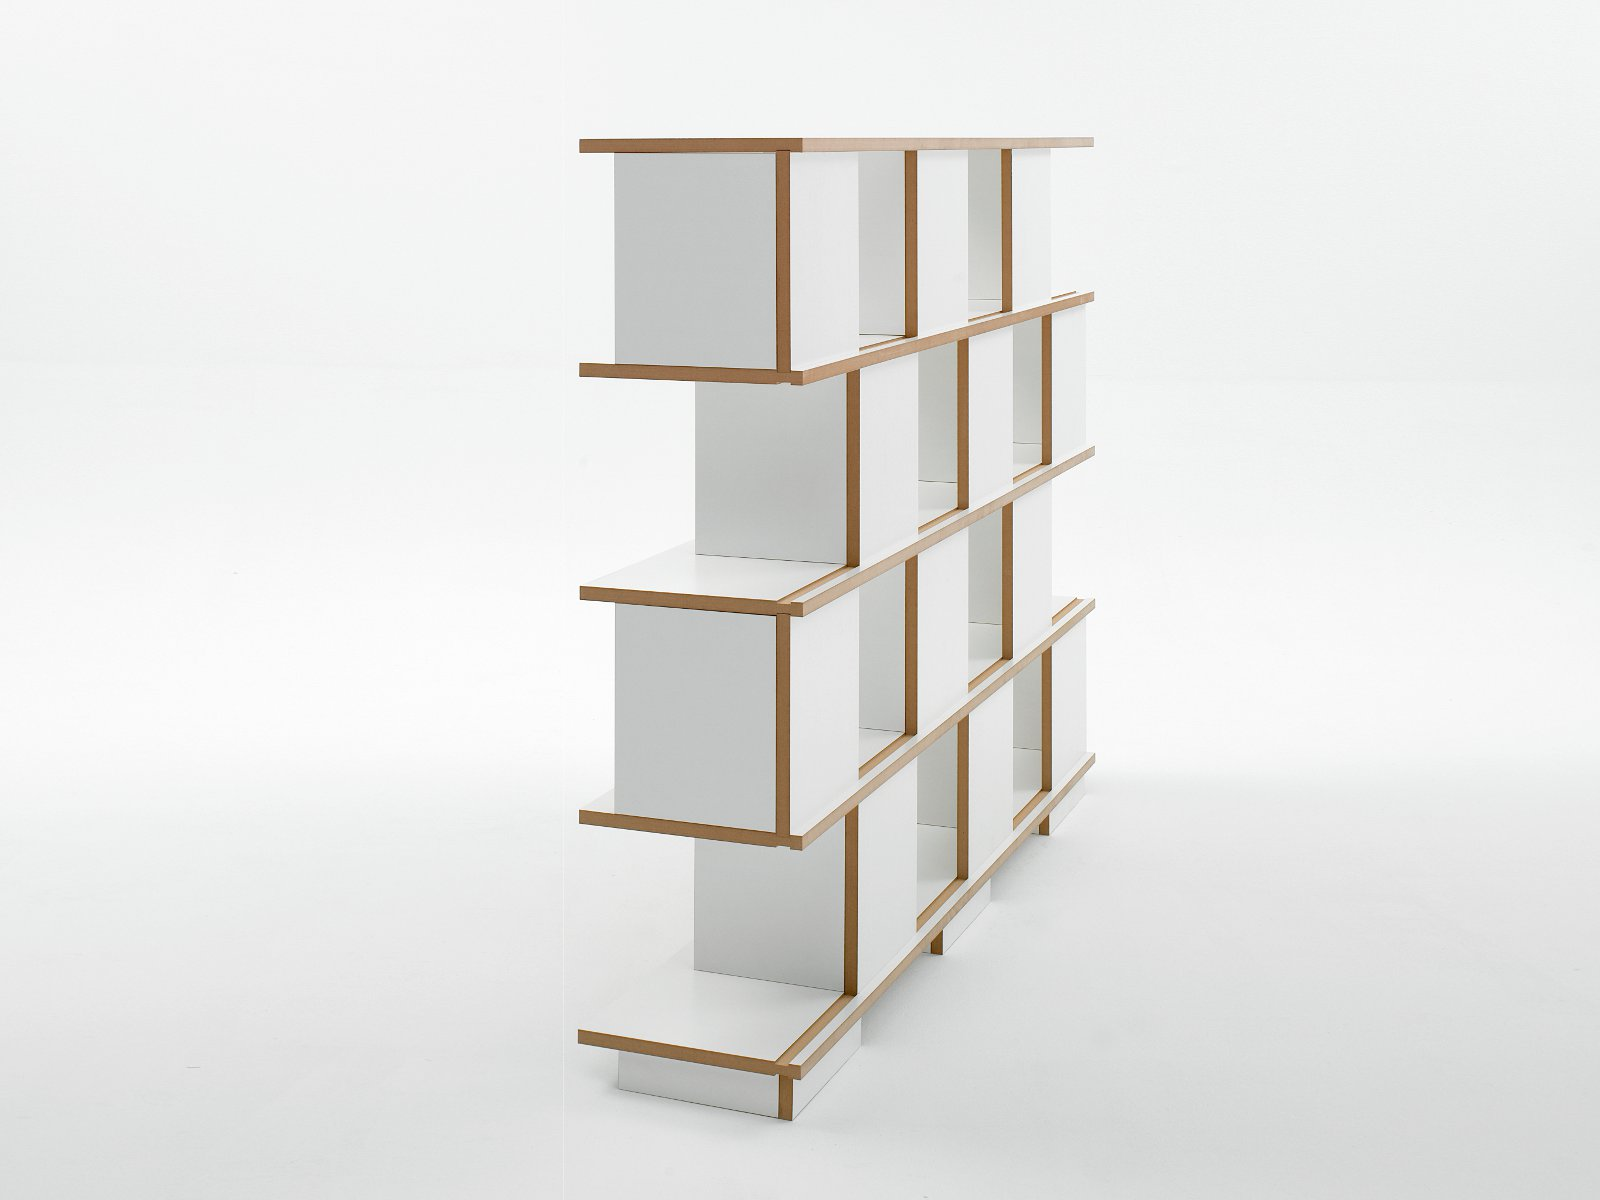 stell tag re by tojo m bel design eigenwert. Black Bedroom Furniture Sets. Home Design Ideas